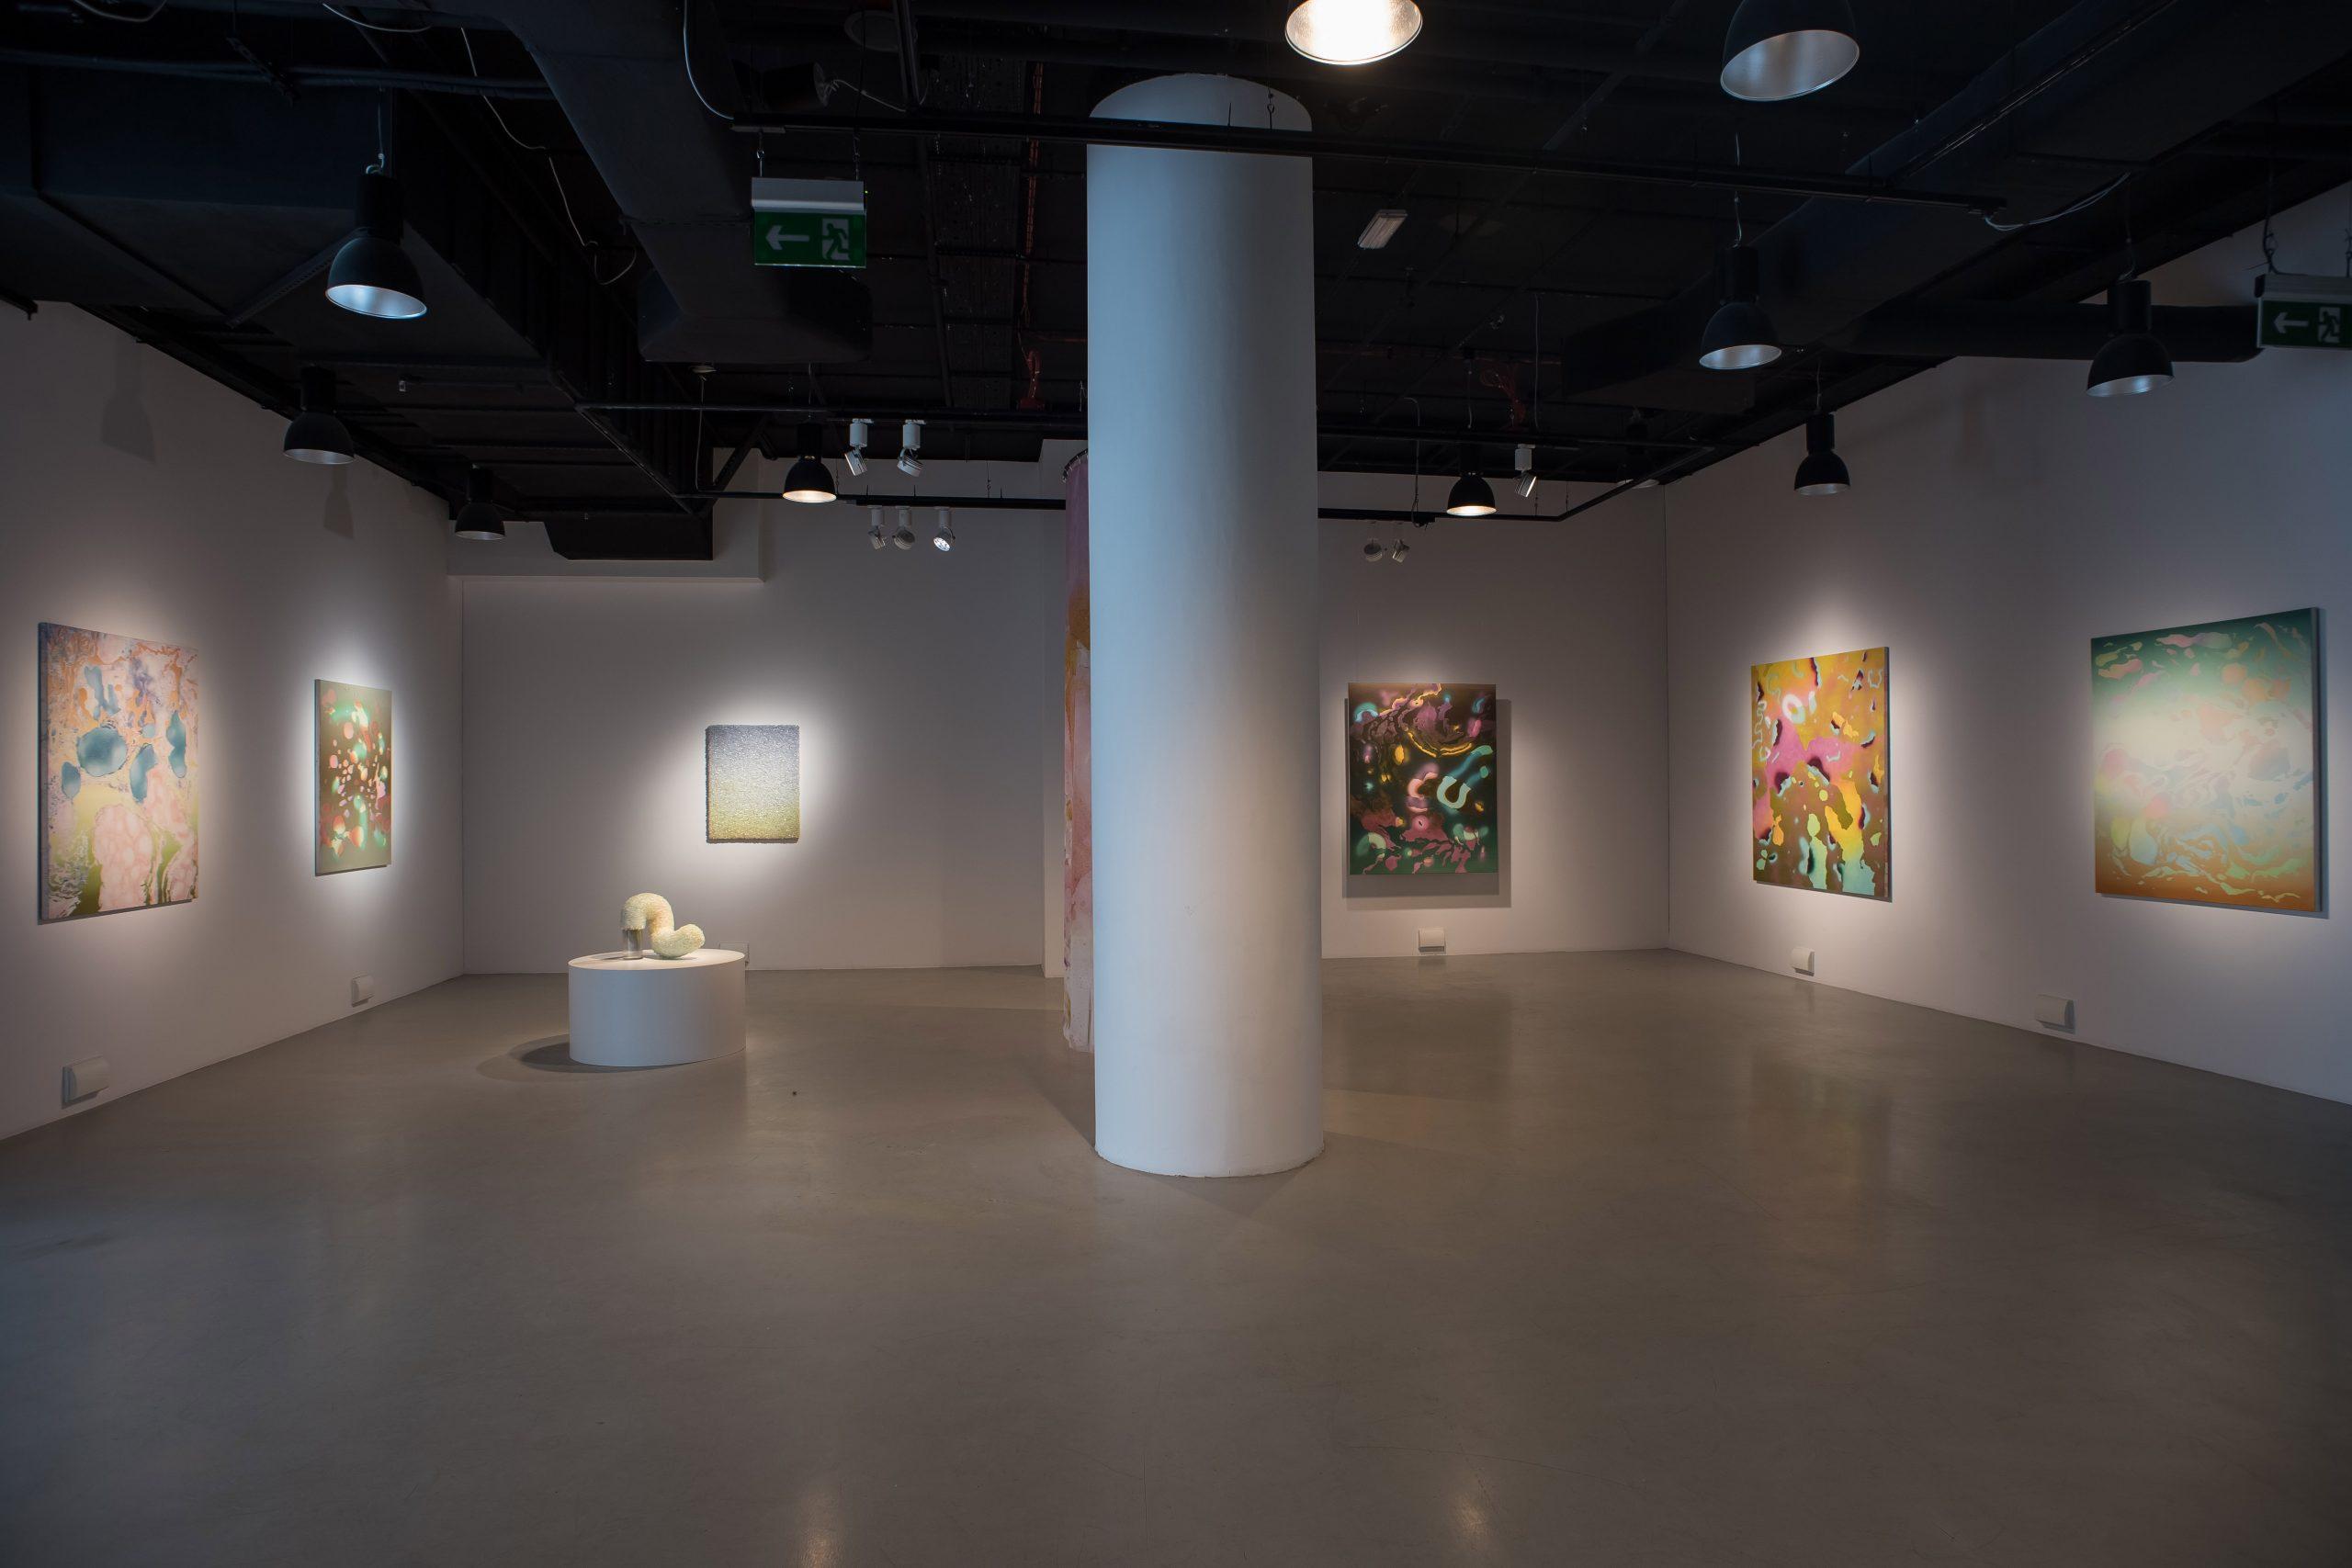 widok ogólny sali wystawowej z zawieszonymi obrazami